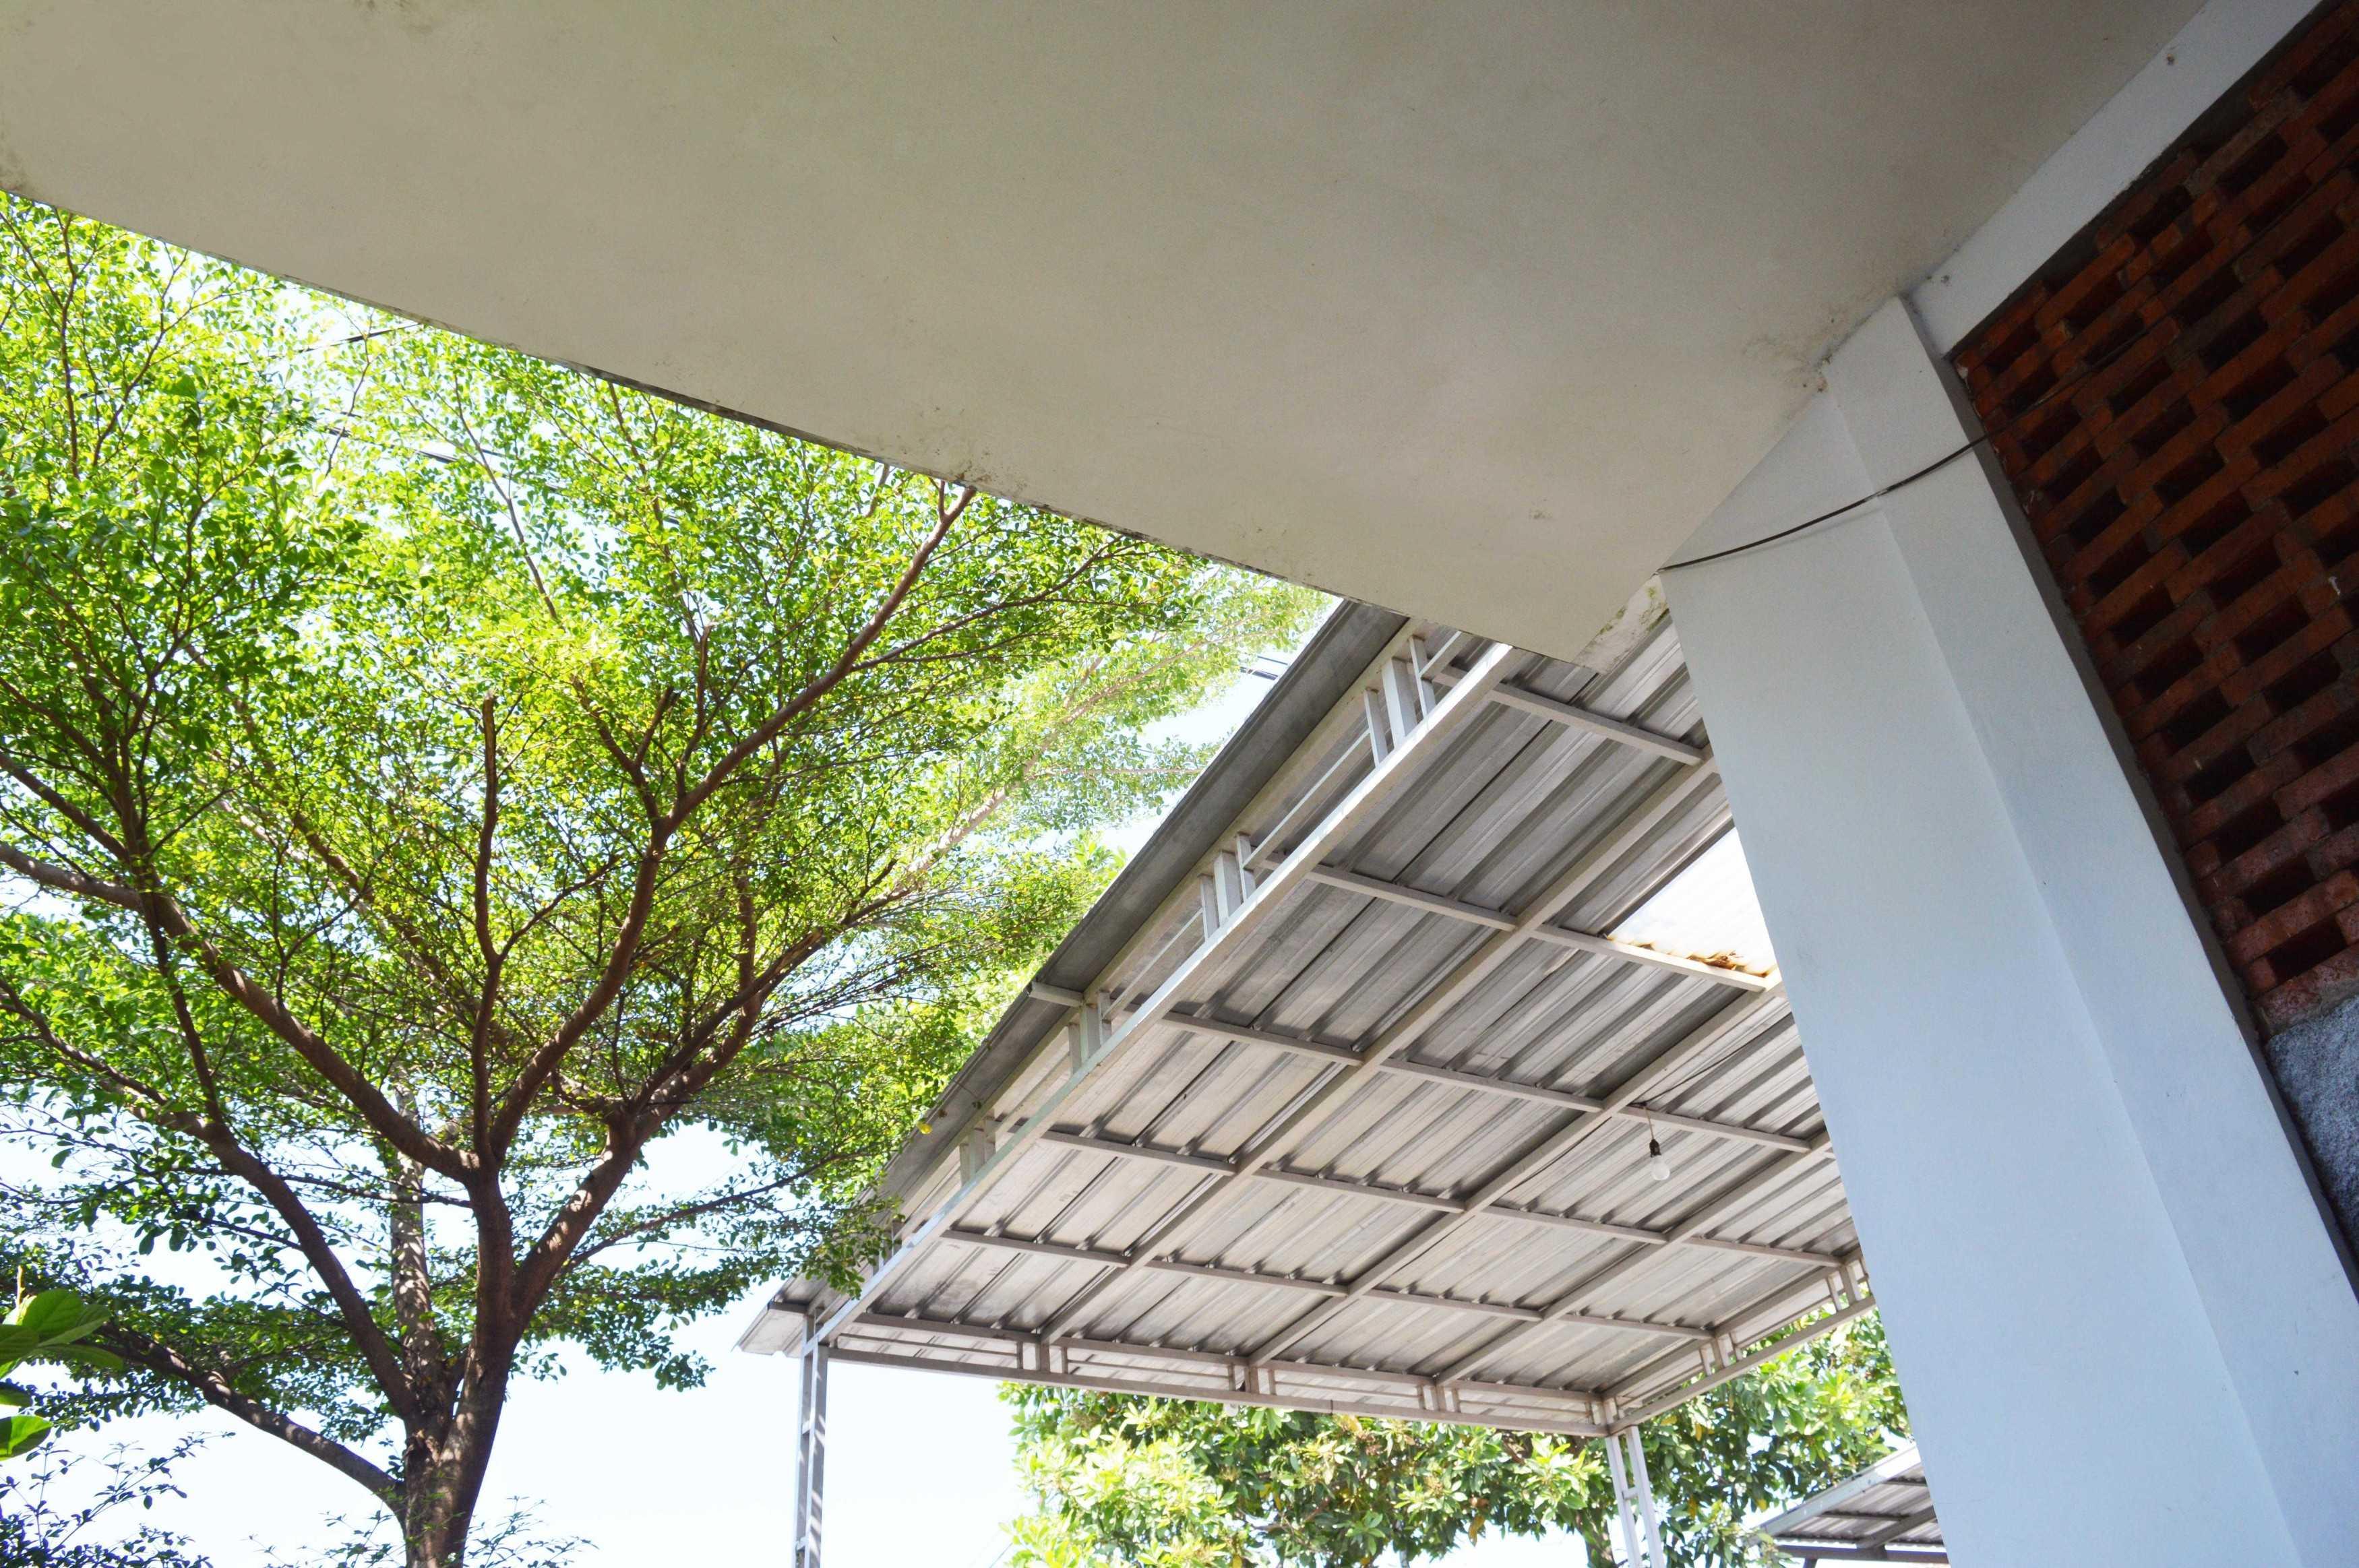 Epicnesia_Architect Rumah Am Plemahan, Kediri, Jawa Timur, Indonesia Plemahan, Kediri, Jawa Timur, Indonesia Aditya-Yuni-Prasetya-Rumah-Am   68057